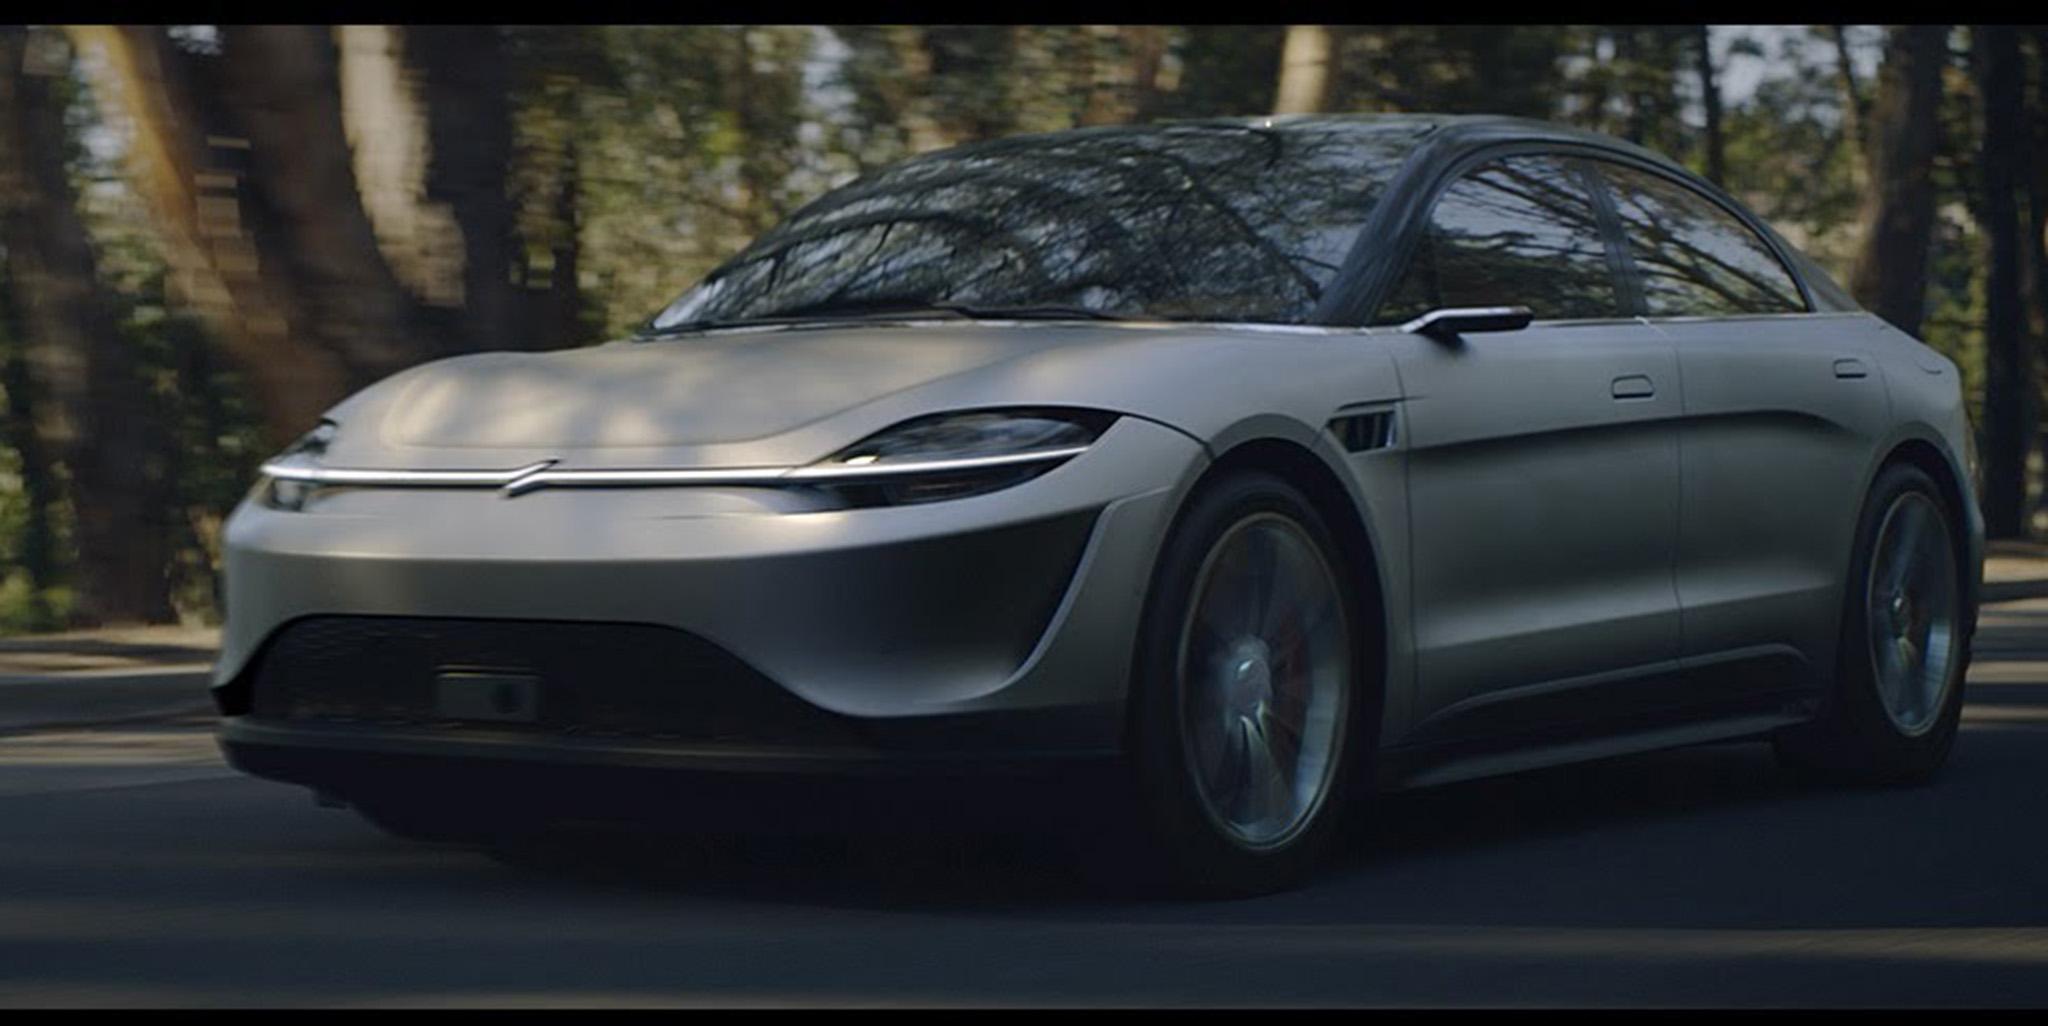 Sony trình làng concept xe điện Vision-S tại CES 2020